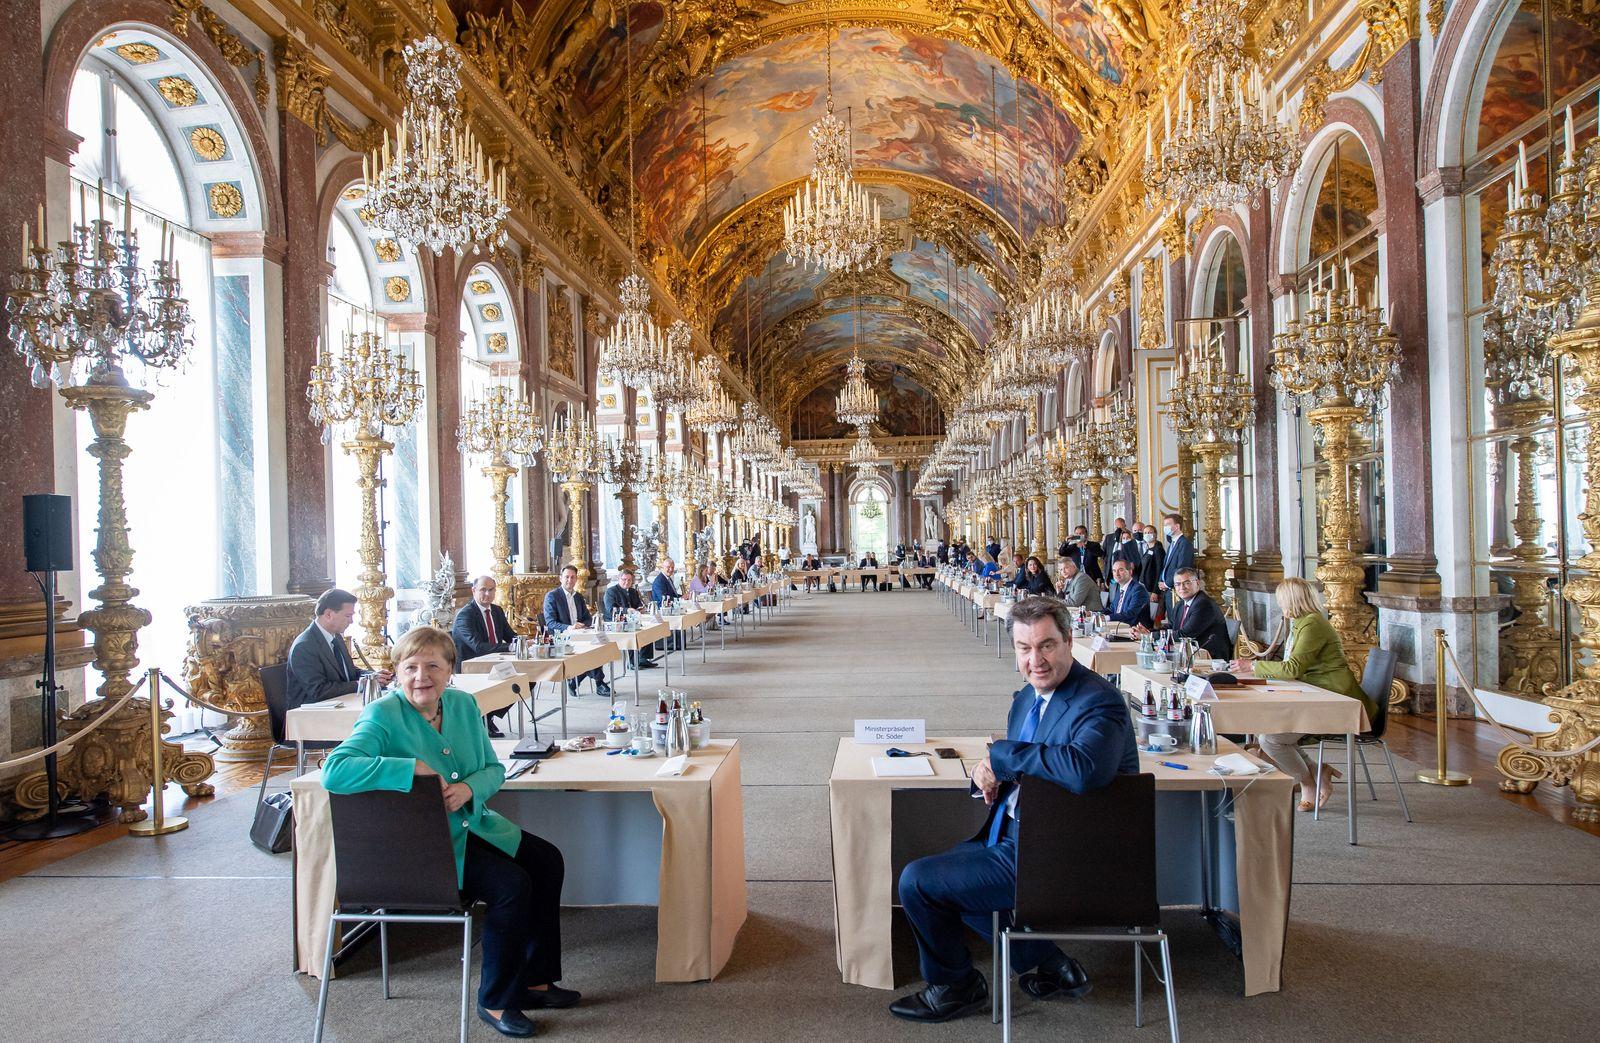 Bundeskanzlerin besucht Bayerisches Kabinett